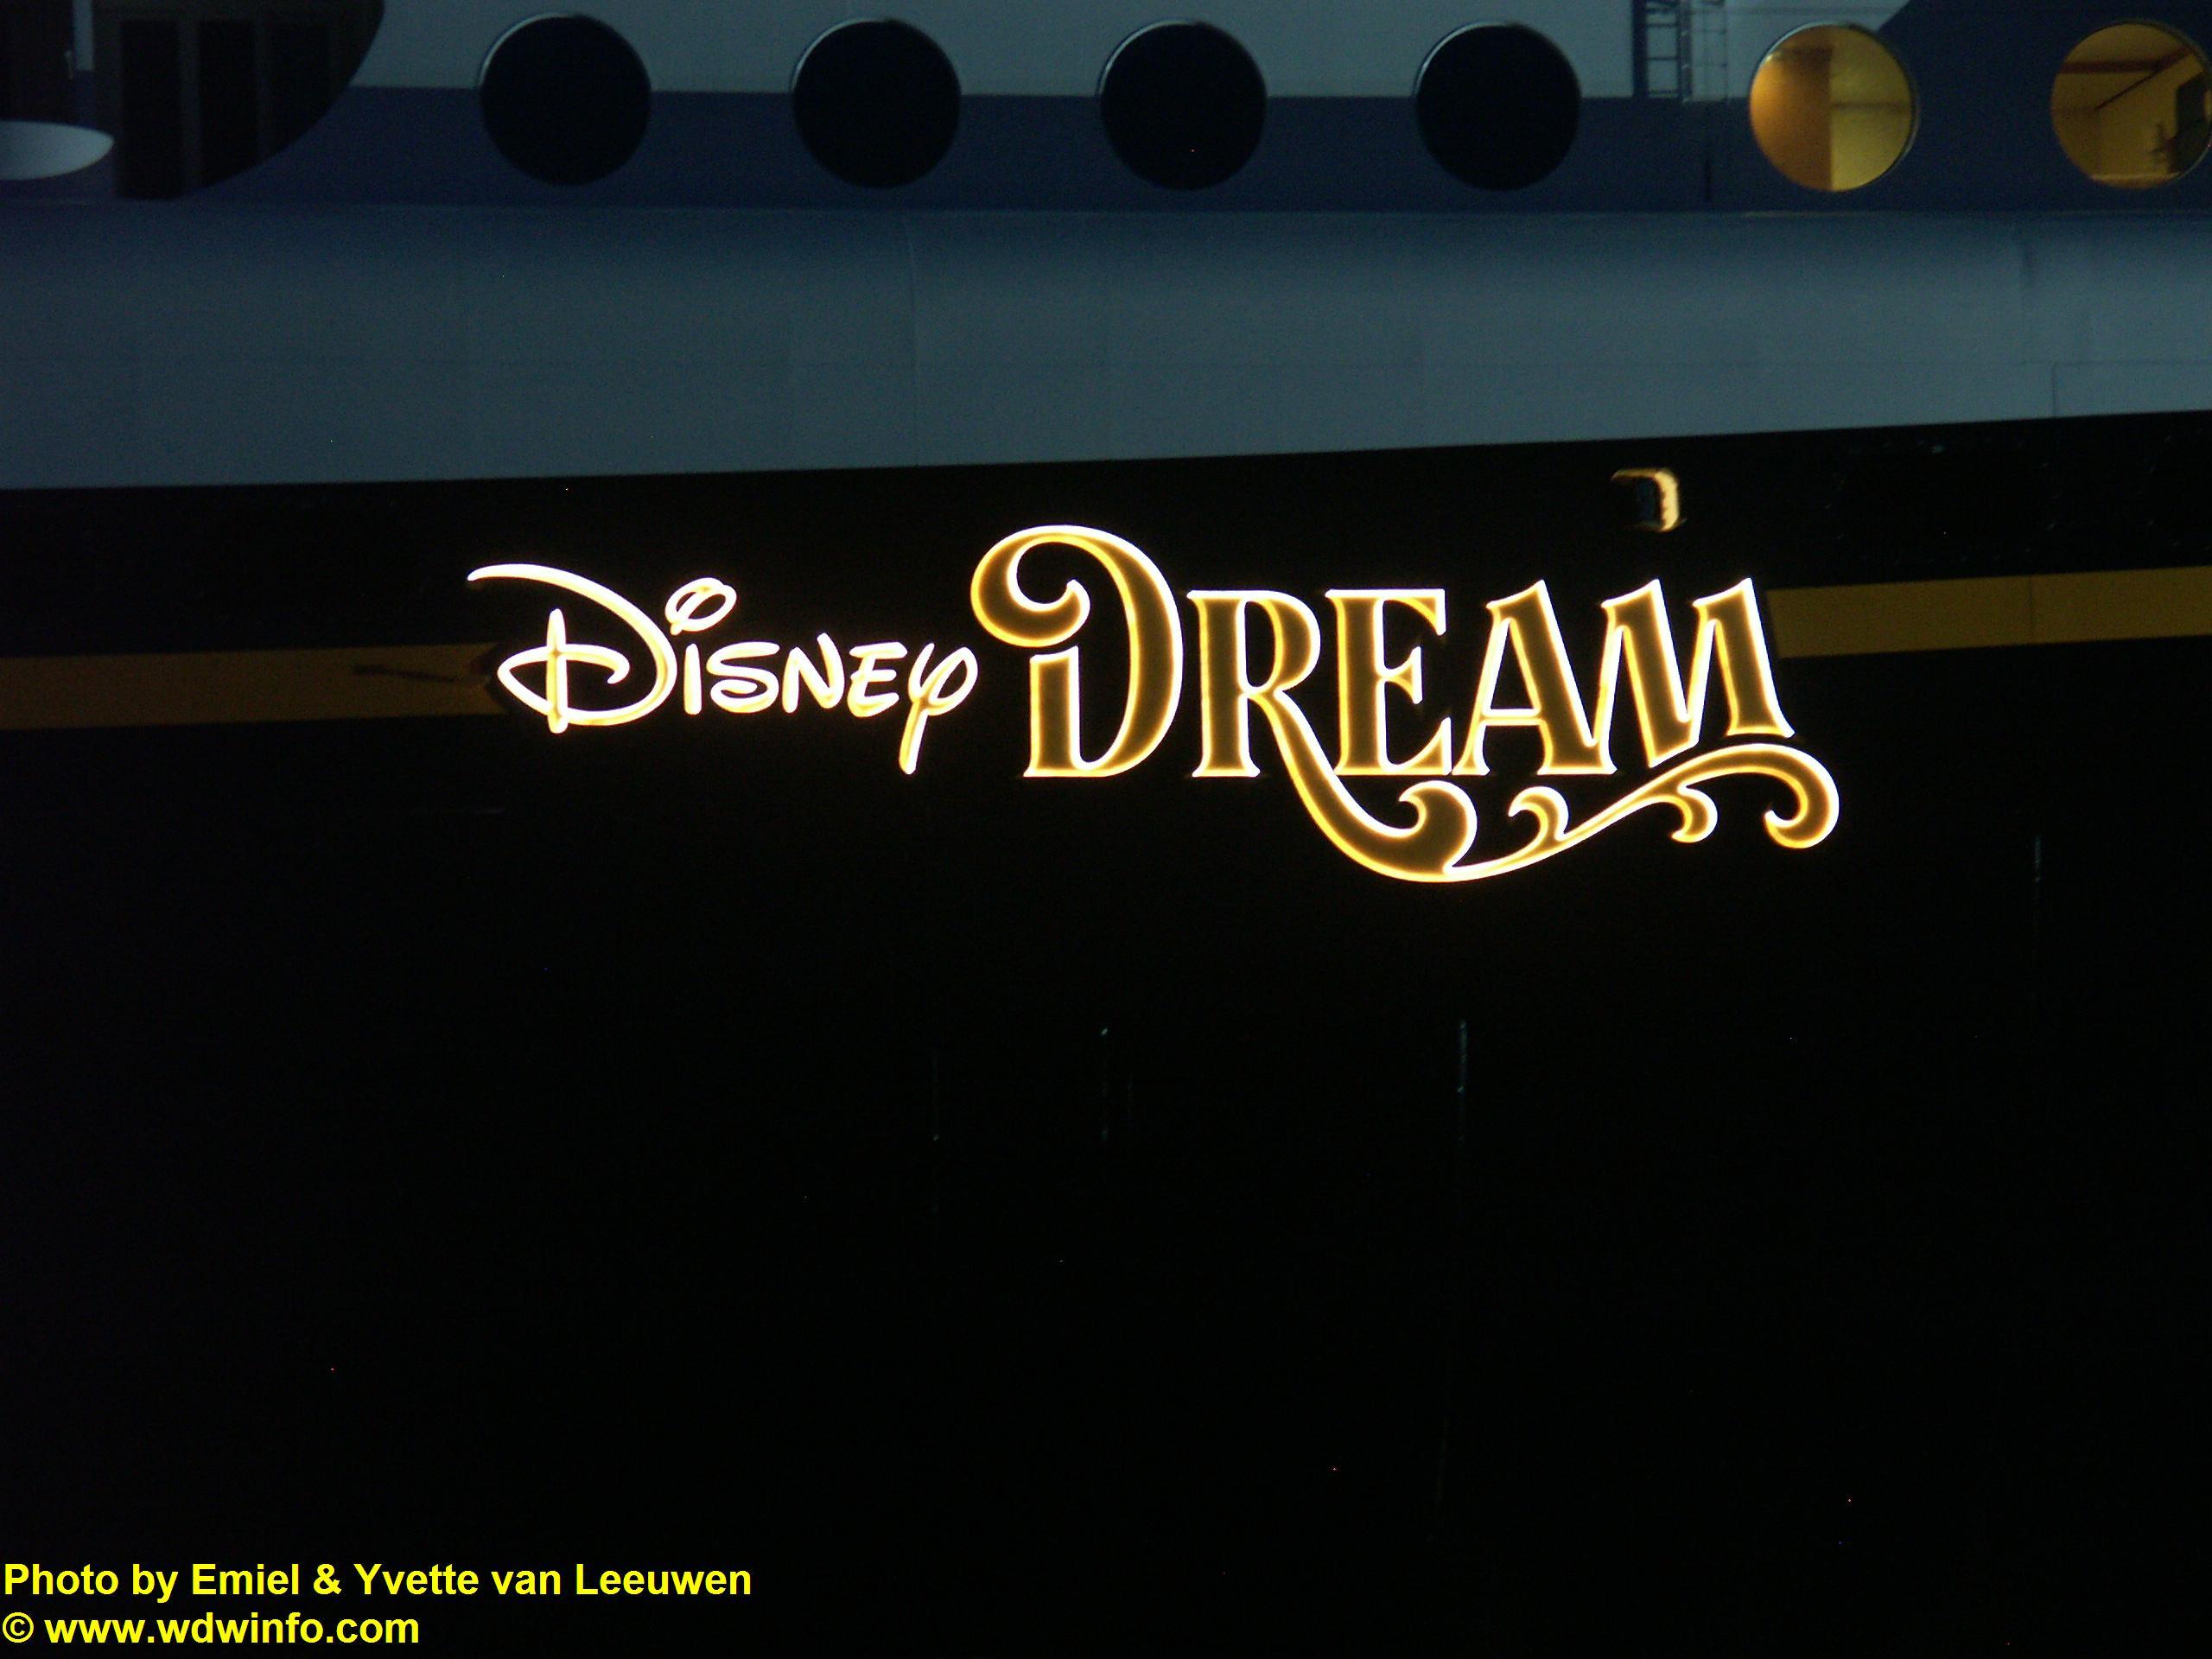 Disney Dream logo